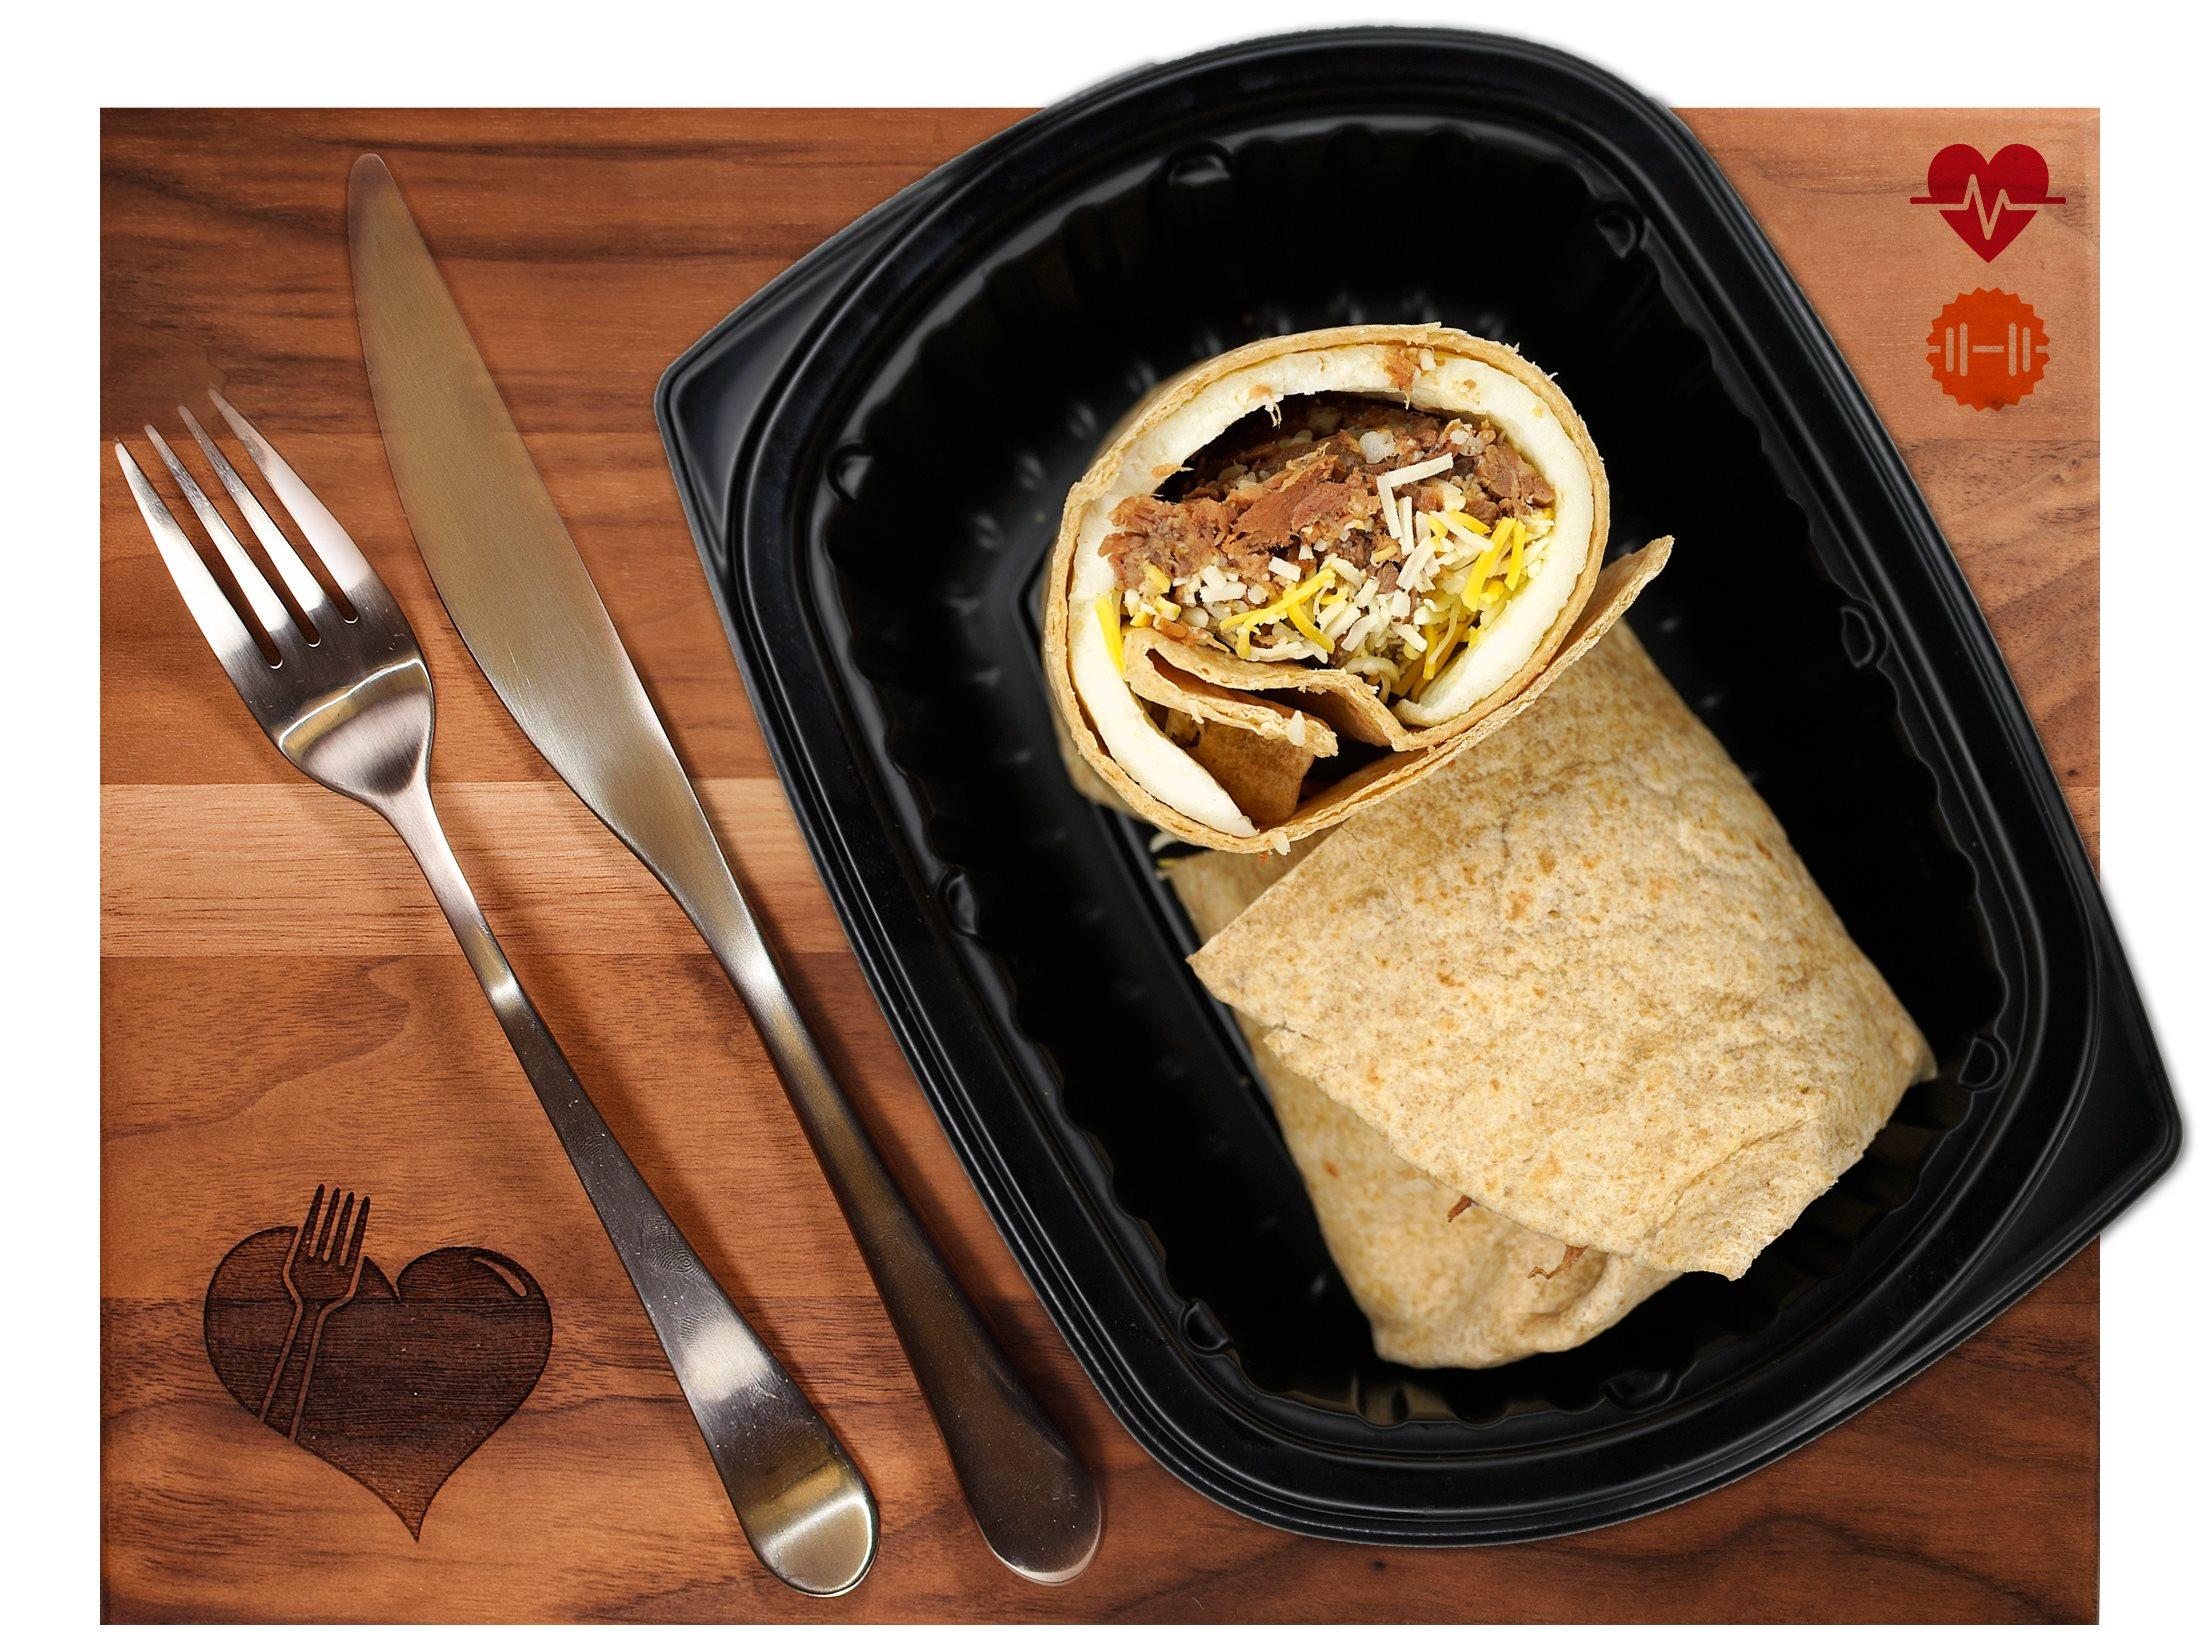 Steak & Egg Wrap